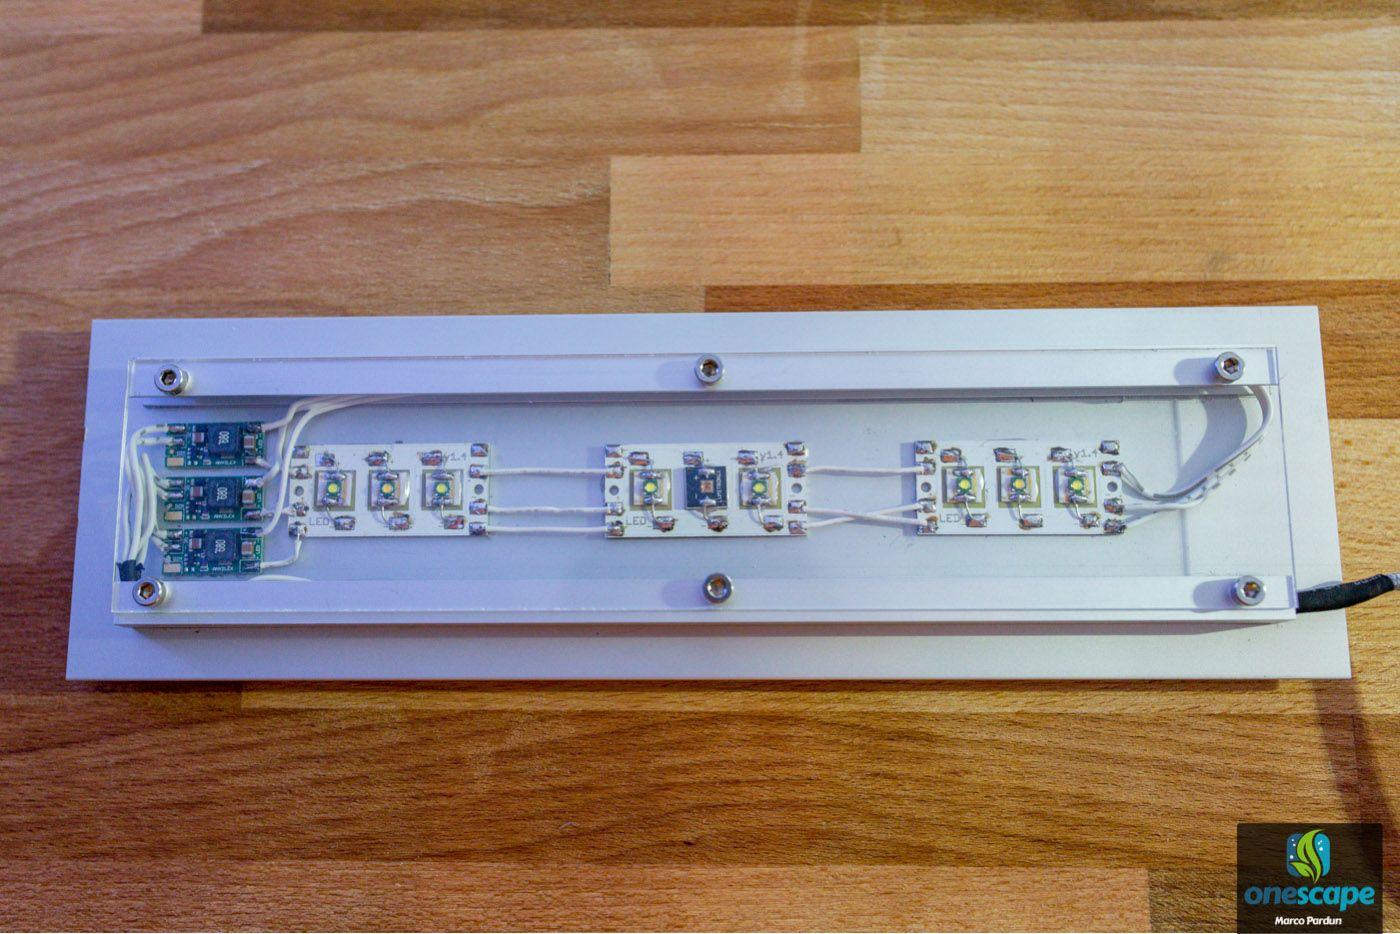 Full Size of Led Deckenlampe Selber Bauen Anleitung Selbst Holz Lampe Lampen Machen Aus Mit Treibholz Holzbalken Lego 19 Genial Wohnzimmer Einbauküche Regale Boxspring Wohnzimmer Deckenlampe Selber Bauen